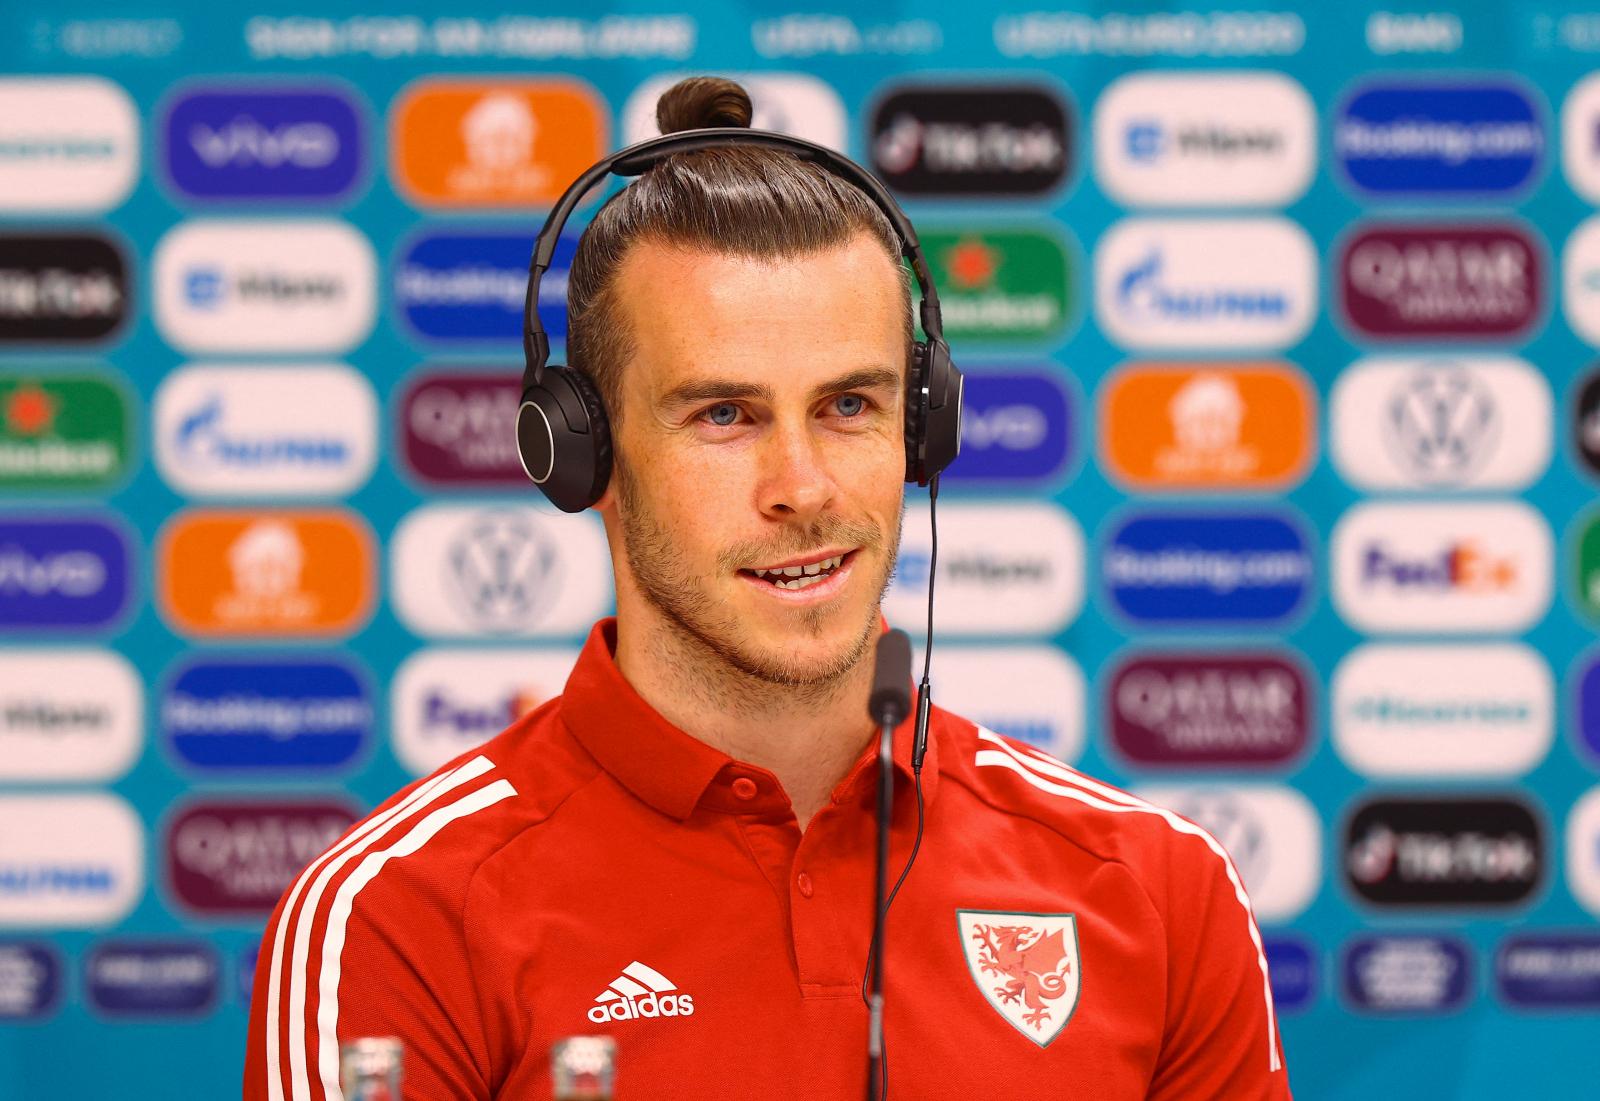 Gareth Bale szerint ki kéne zárni azokat a válogatottakat, amelyek szurkolói visszaeső rasszisták